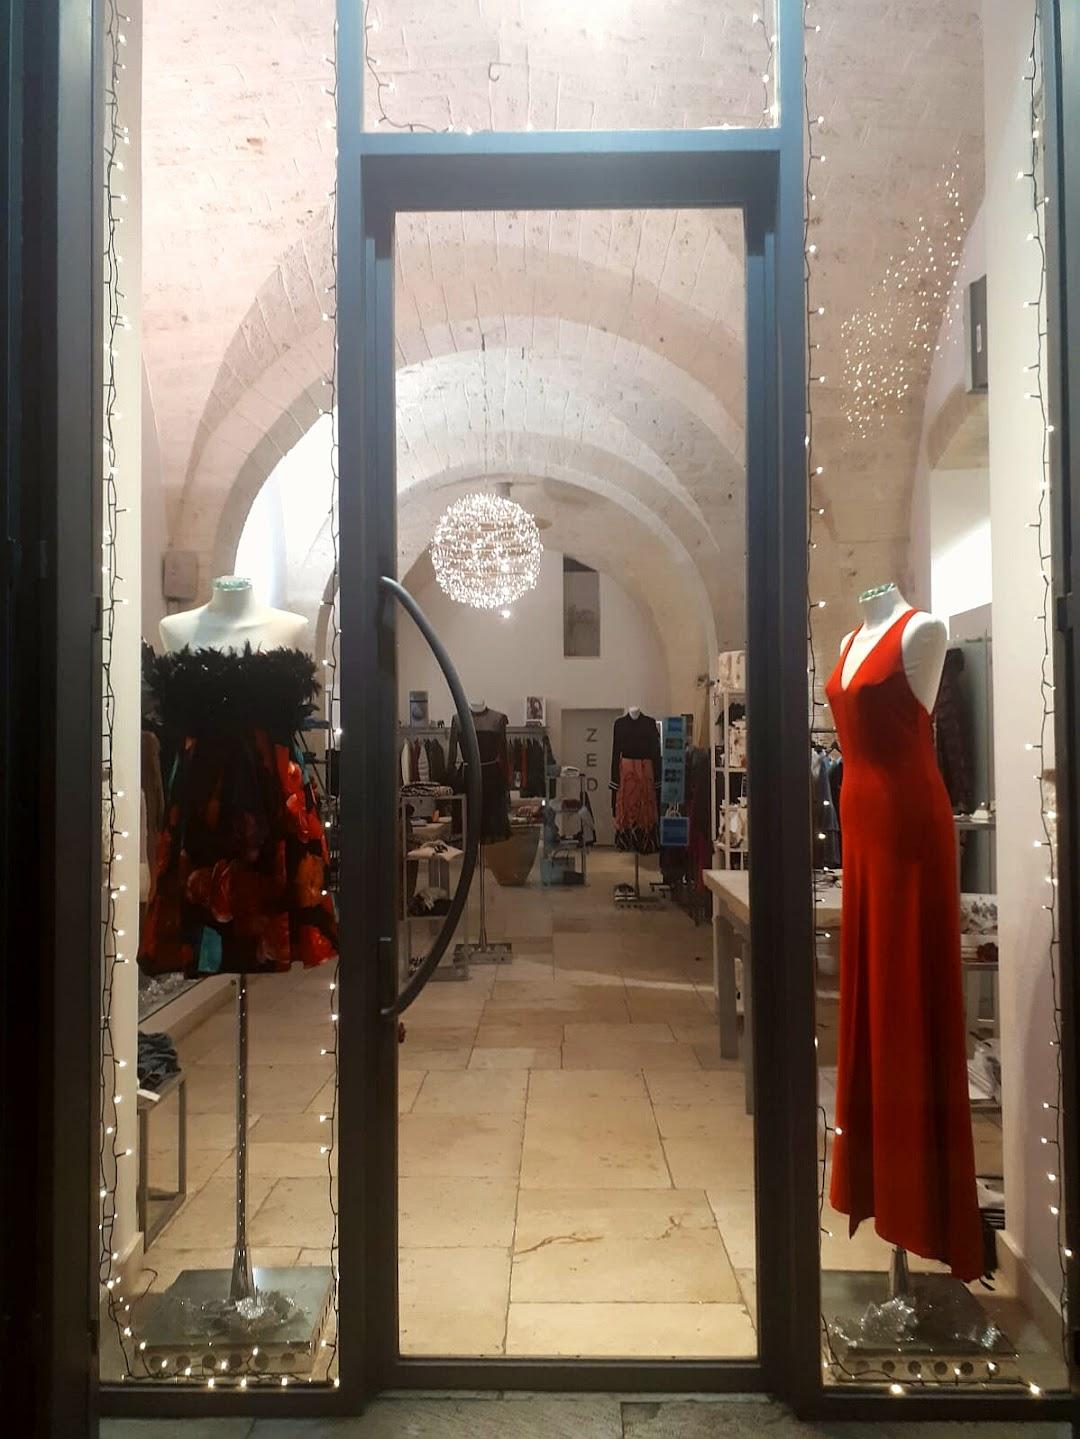 Zed Abbigliamento Di Ancona Alba Anna nella città Triggiano